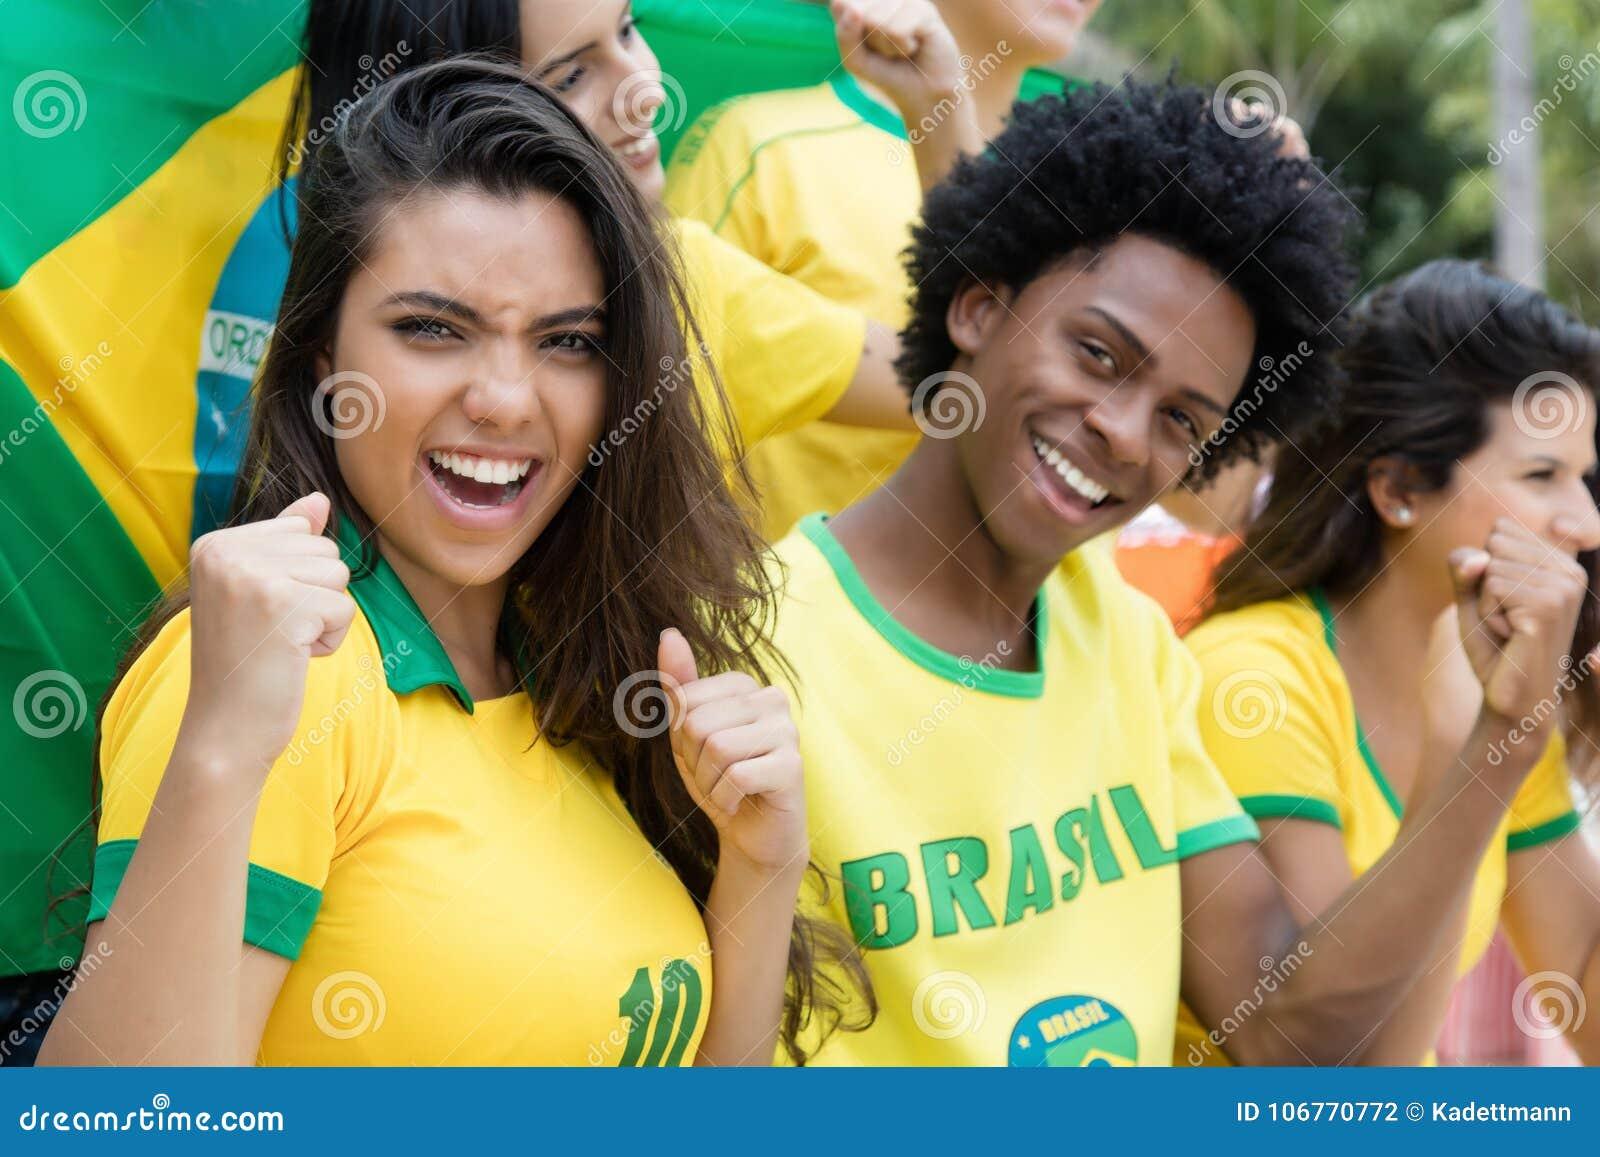 Ομάδα ενθαρρυντικών βραζιλιάνων ανεμιστήρων ποδοσφαίρου με τη σημαία της Βραζιλίας